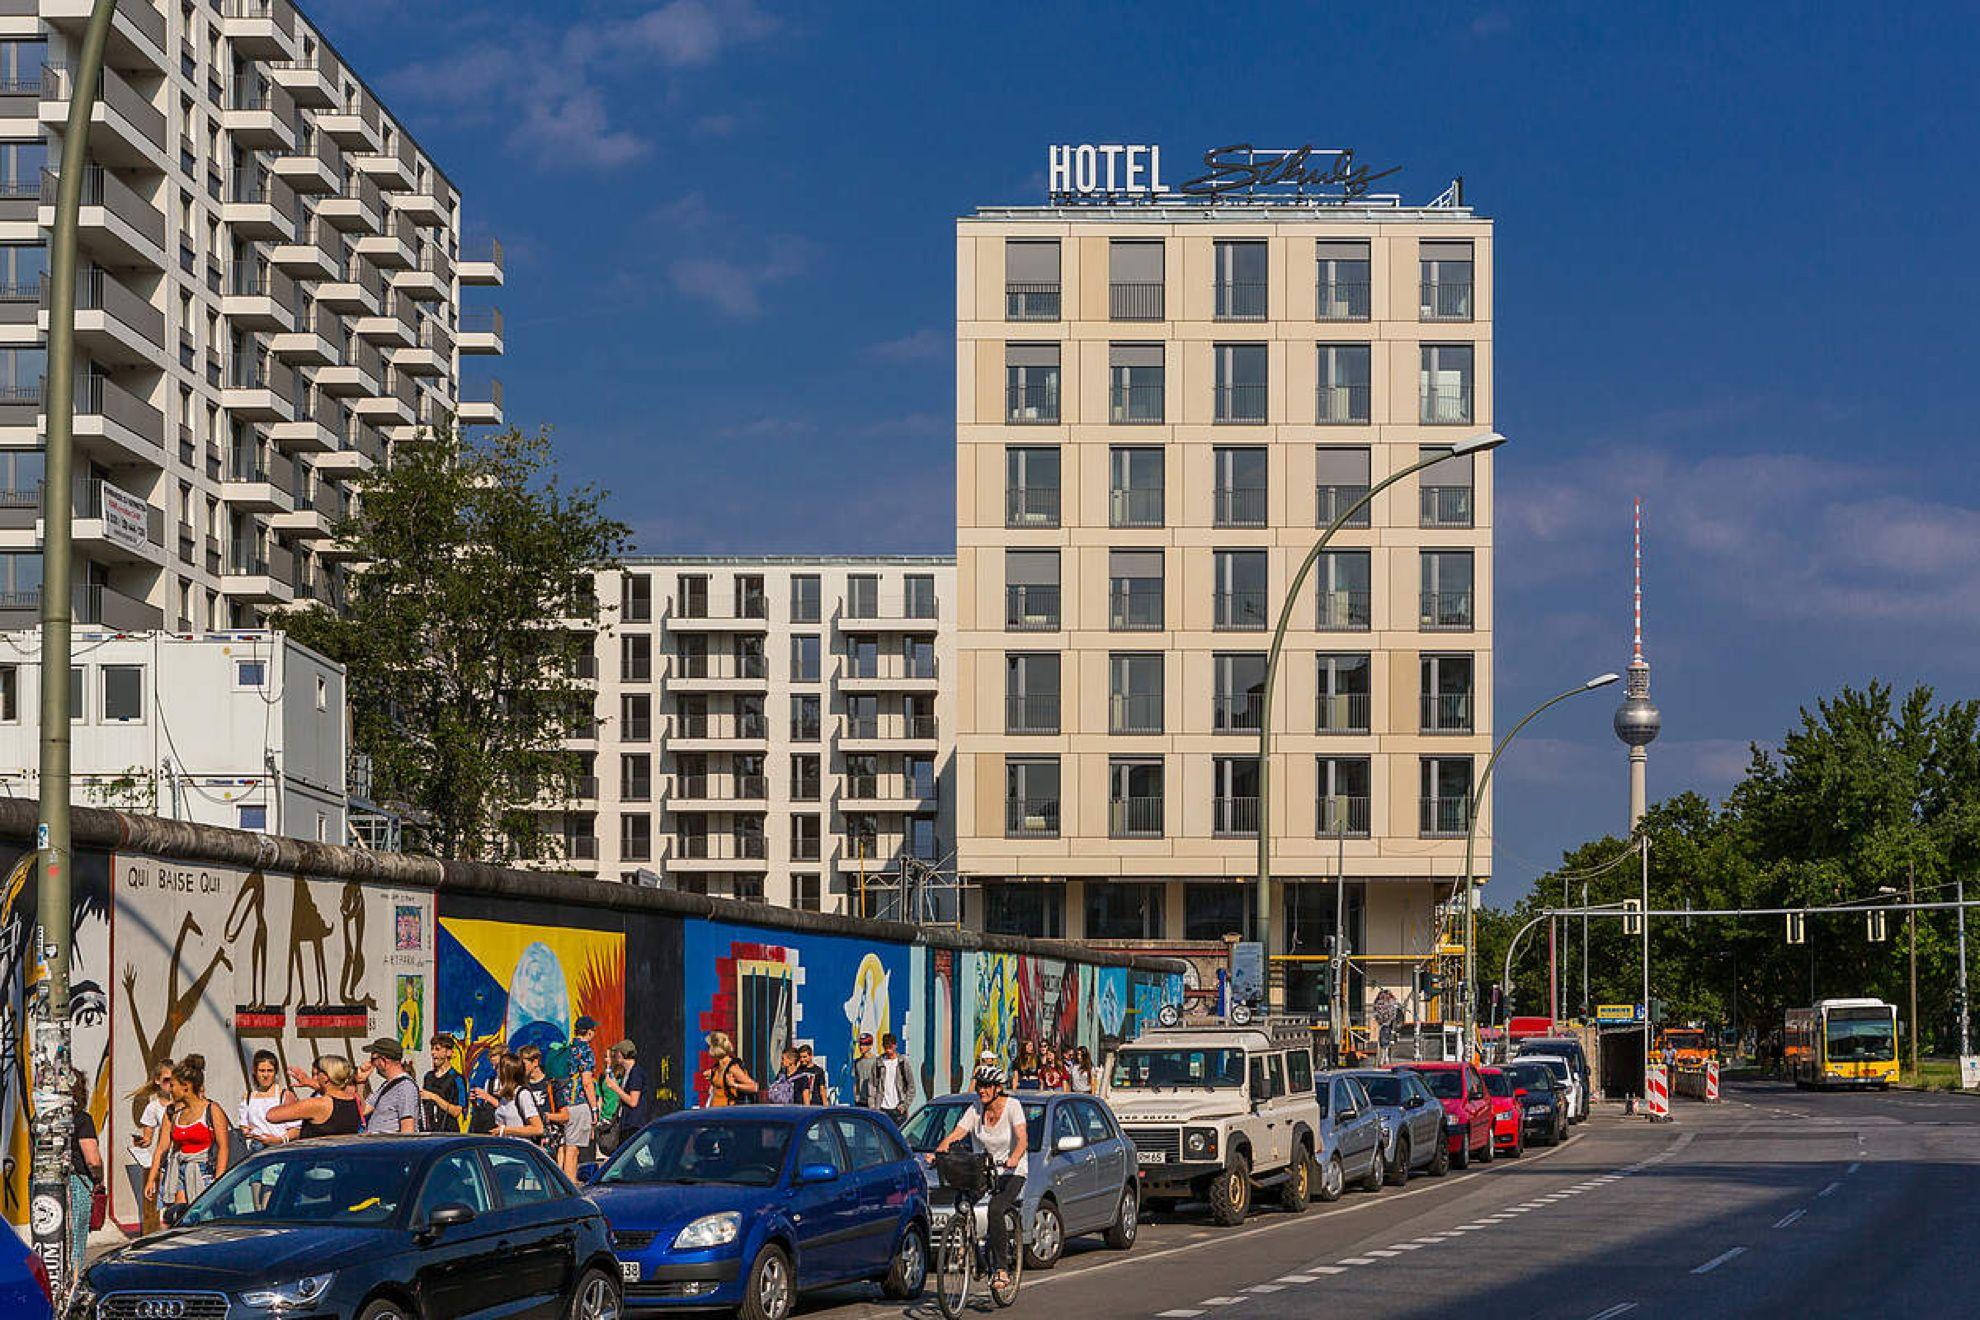 Schulz Hotel East Side Gallery Berlin